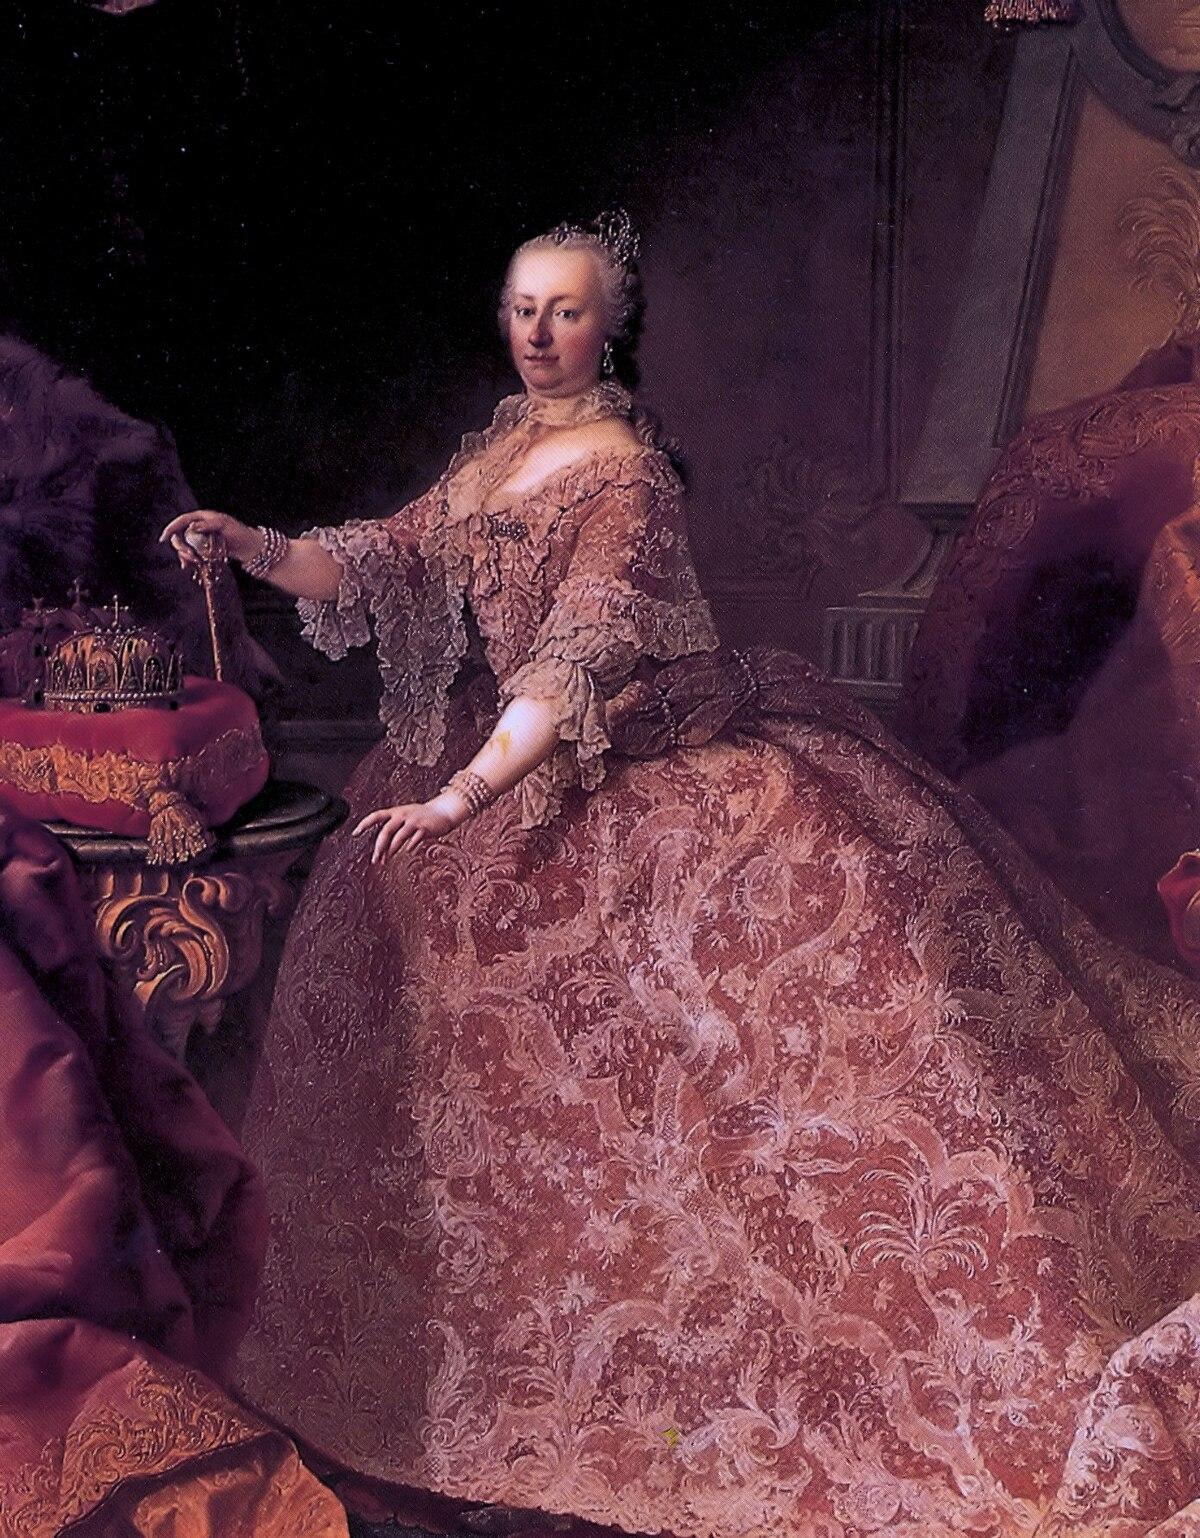 Keizerin Maria Theresia geschilderd door Martin van Meytens, 1752-53.jpg